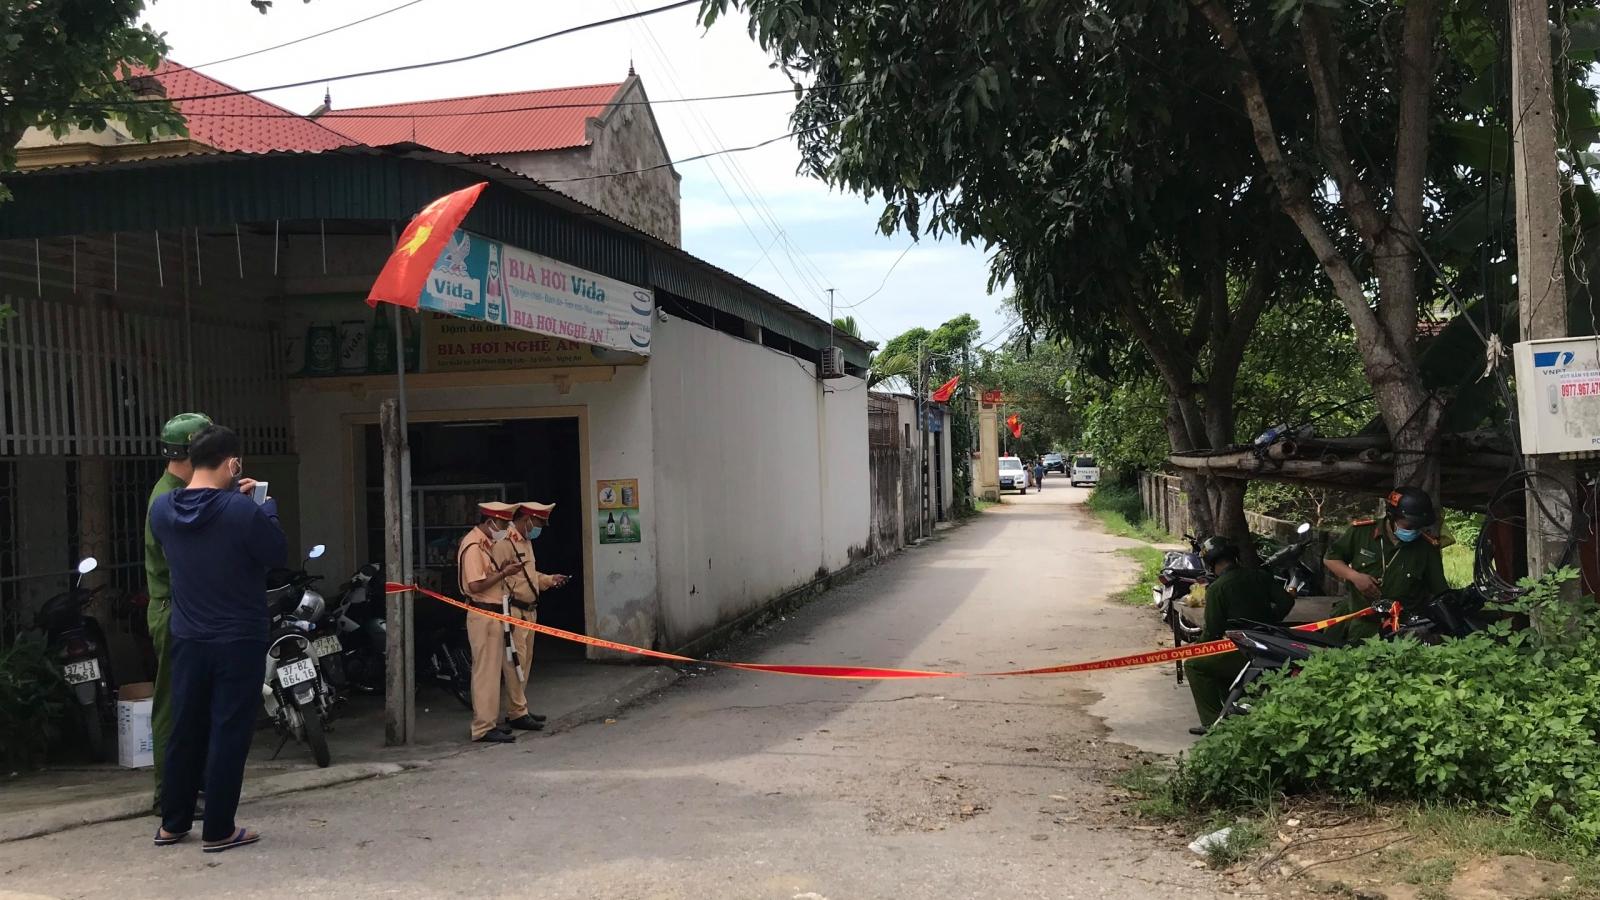 Thông tin bất ngờ về nghi phạm bắn gục 2 người ngay trước cổng nhà ở Nghệ An